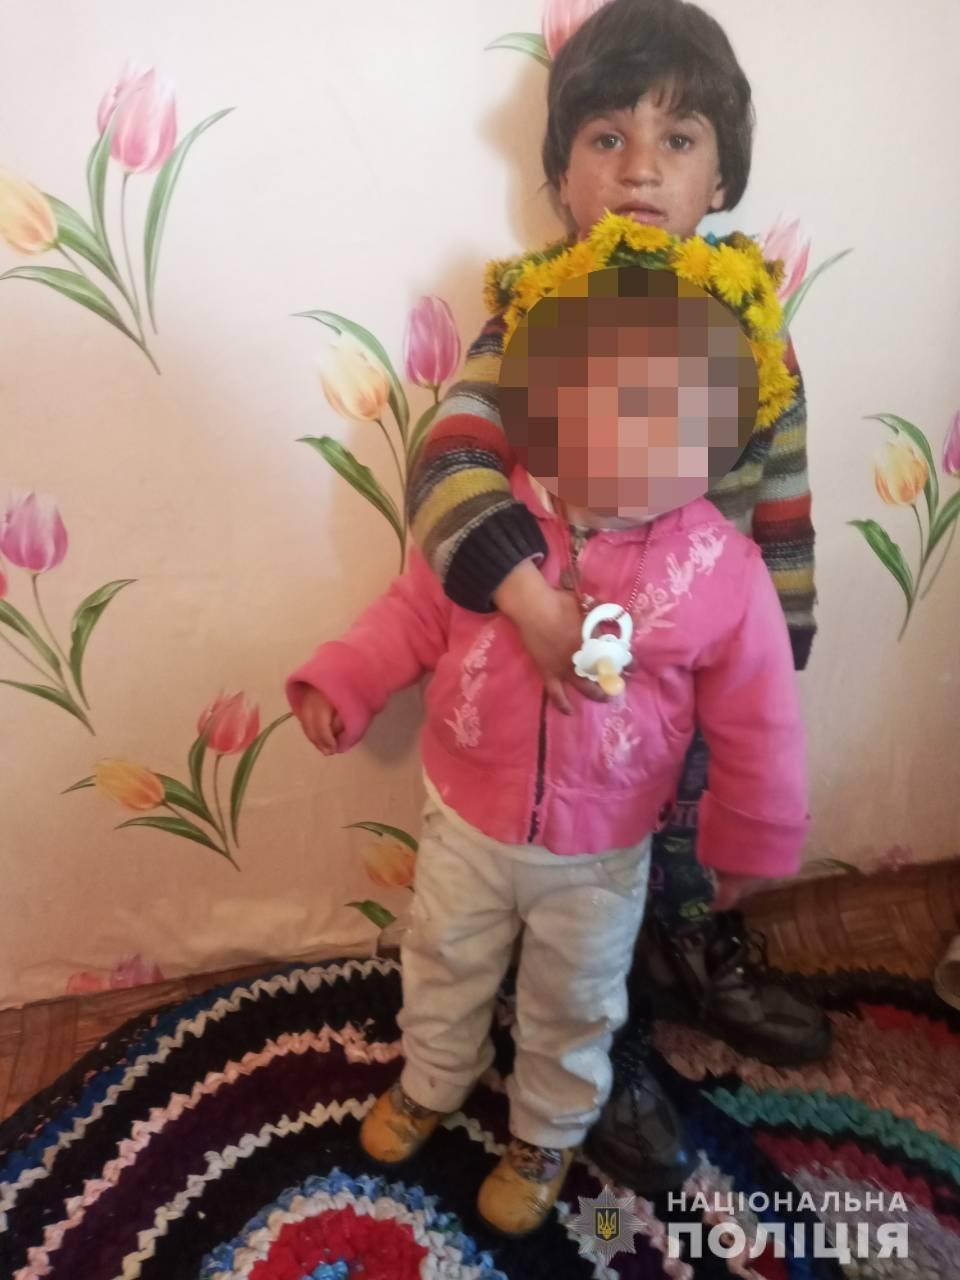 Разыскивает полиция: в Одесской области пропала 4-летняя девочка, - ФОТО, фото-1